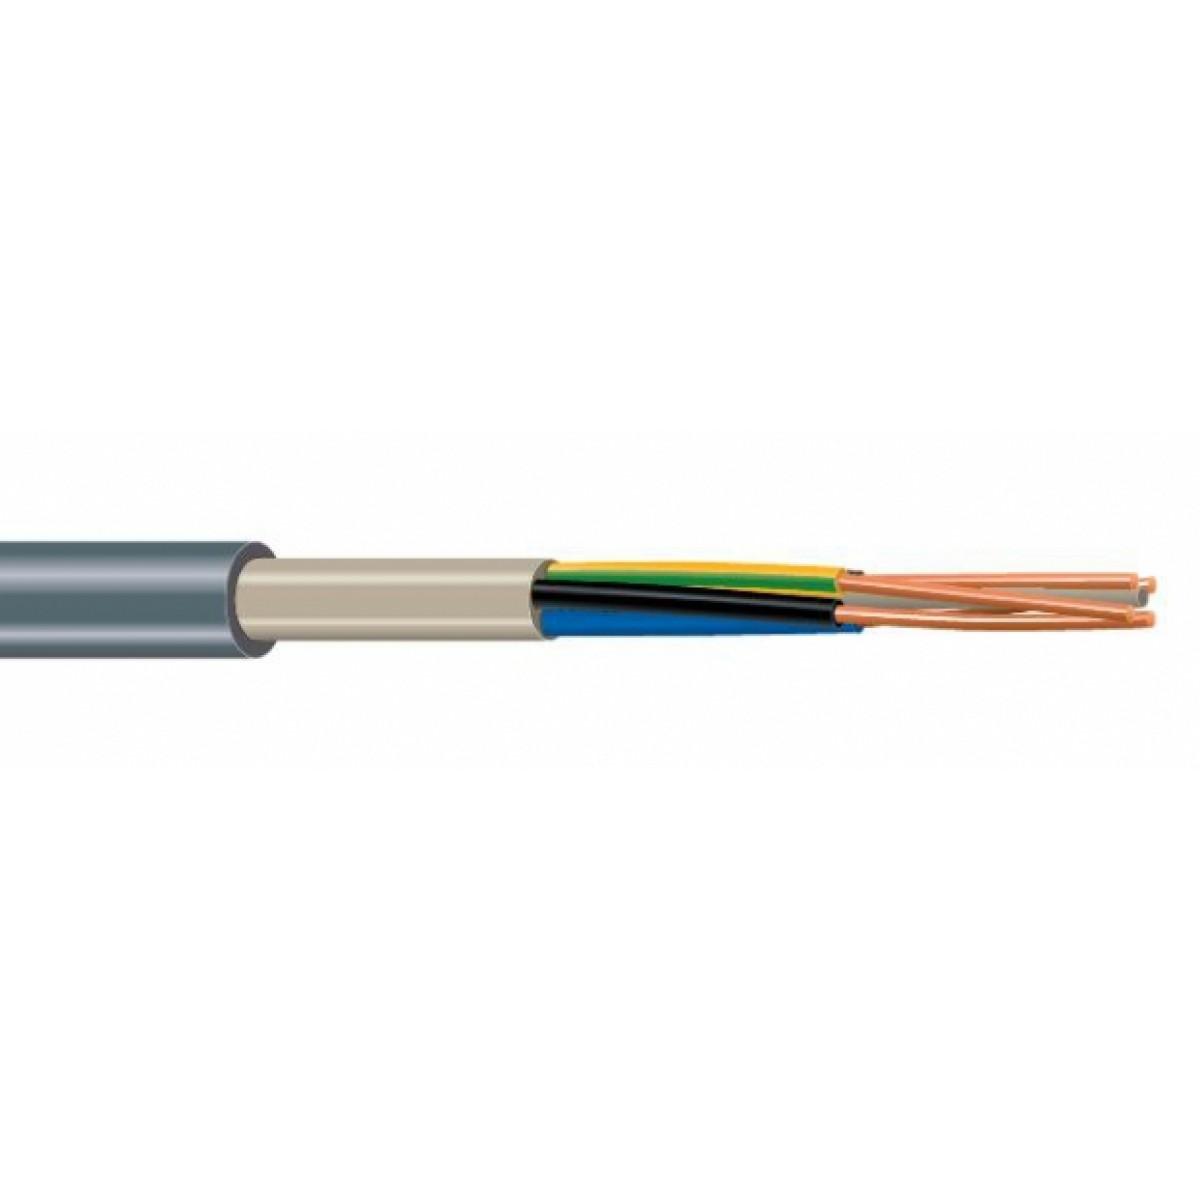 Geliefde YMVK 3x2.5 mm² DCA installatiekabel kabel 100m GE98